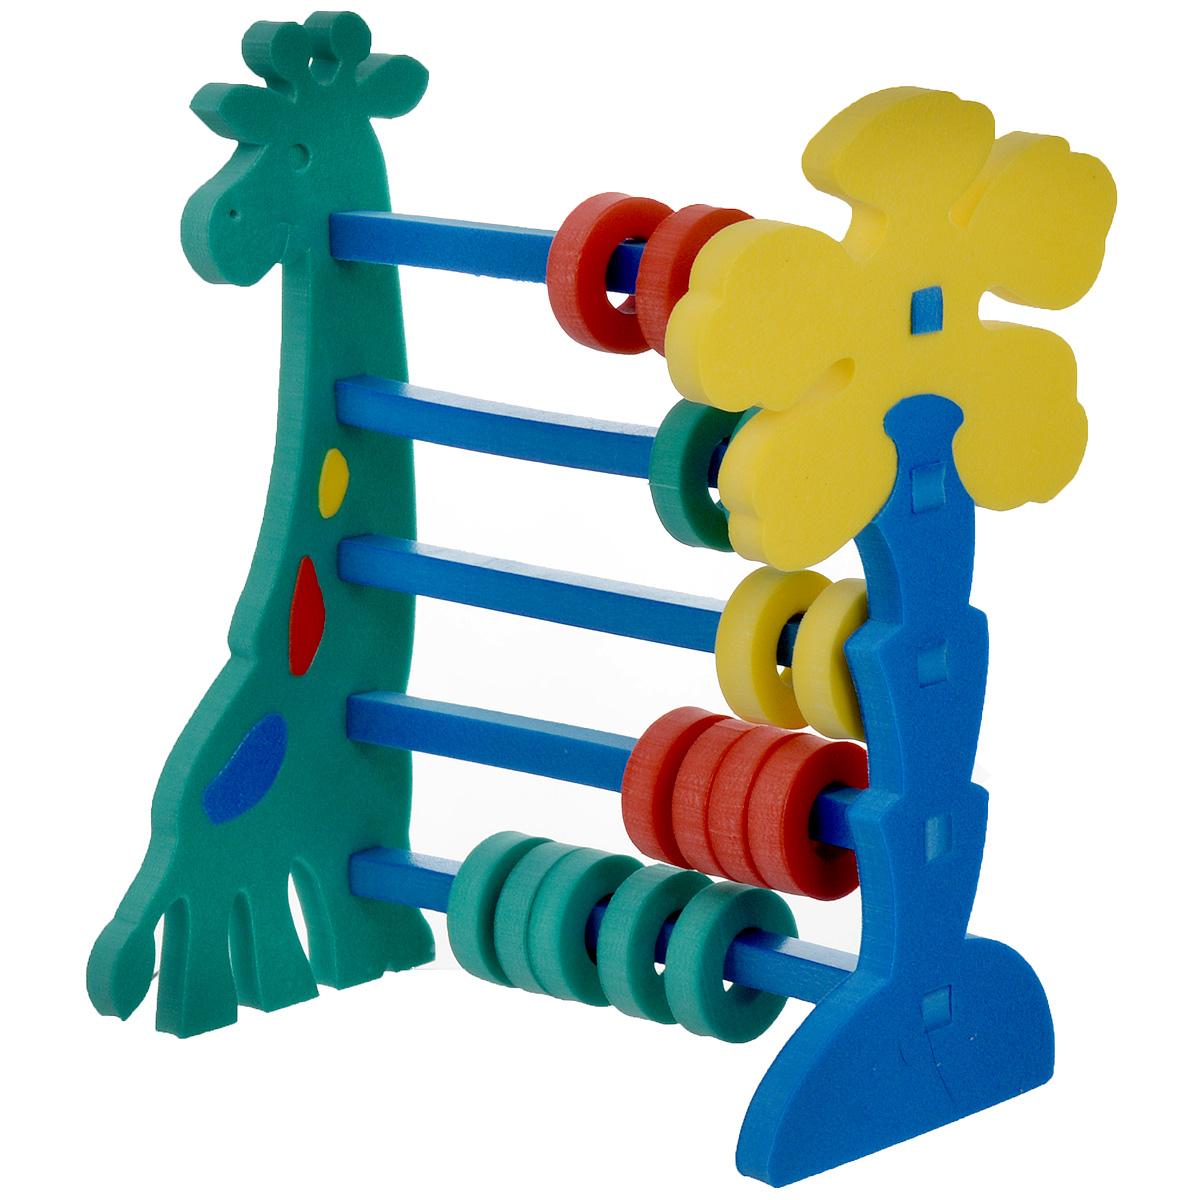 Флексика Мягкий конструктор Счеты Жираф45313Мягкий конструктор Жираф станет приятным и полезным подарком для вашего ребенка. Конструктор может стать не только забавной игрушкой, но также и одним из первых пособий по математике. С помощью предложенного конструктора малыш соберет разноцветные счеты и сможет познакомиться в наглядной форме с нехитрыми правилами сложения и вычитания. Все элементы счетов выполнены из современного, легкого, эластичного материала, который обеспечивает большую долговечность и является абсолютно безопасным для детей. Кроме того, мягкий конструктор способствует развитию у ребенка мелкой моторики, наблюдательности, образного и логического мышления.